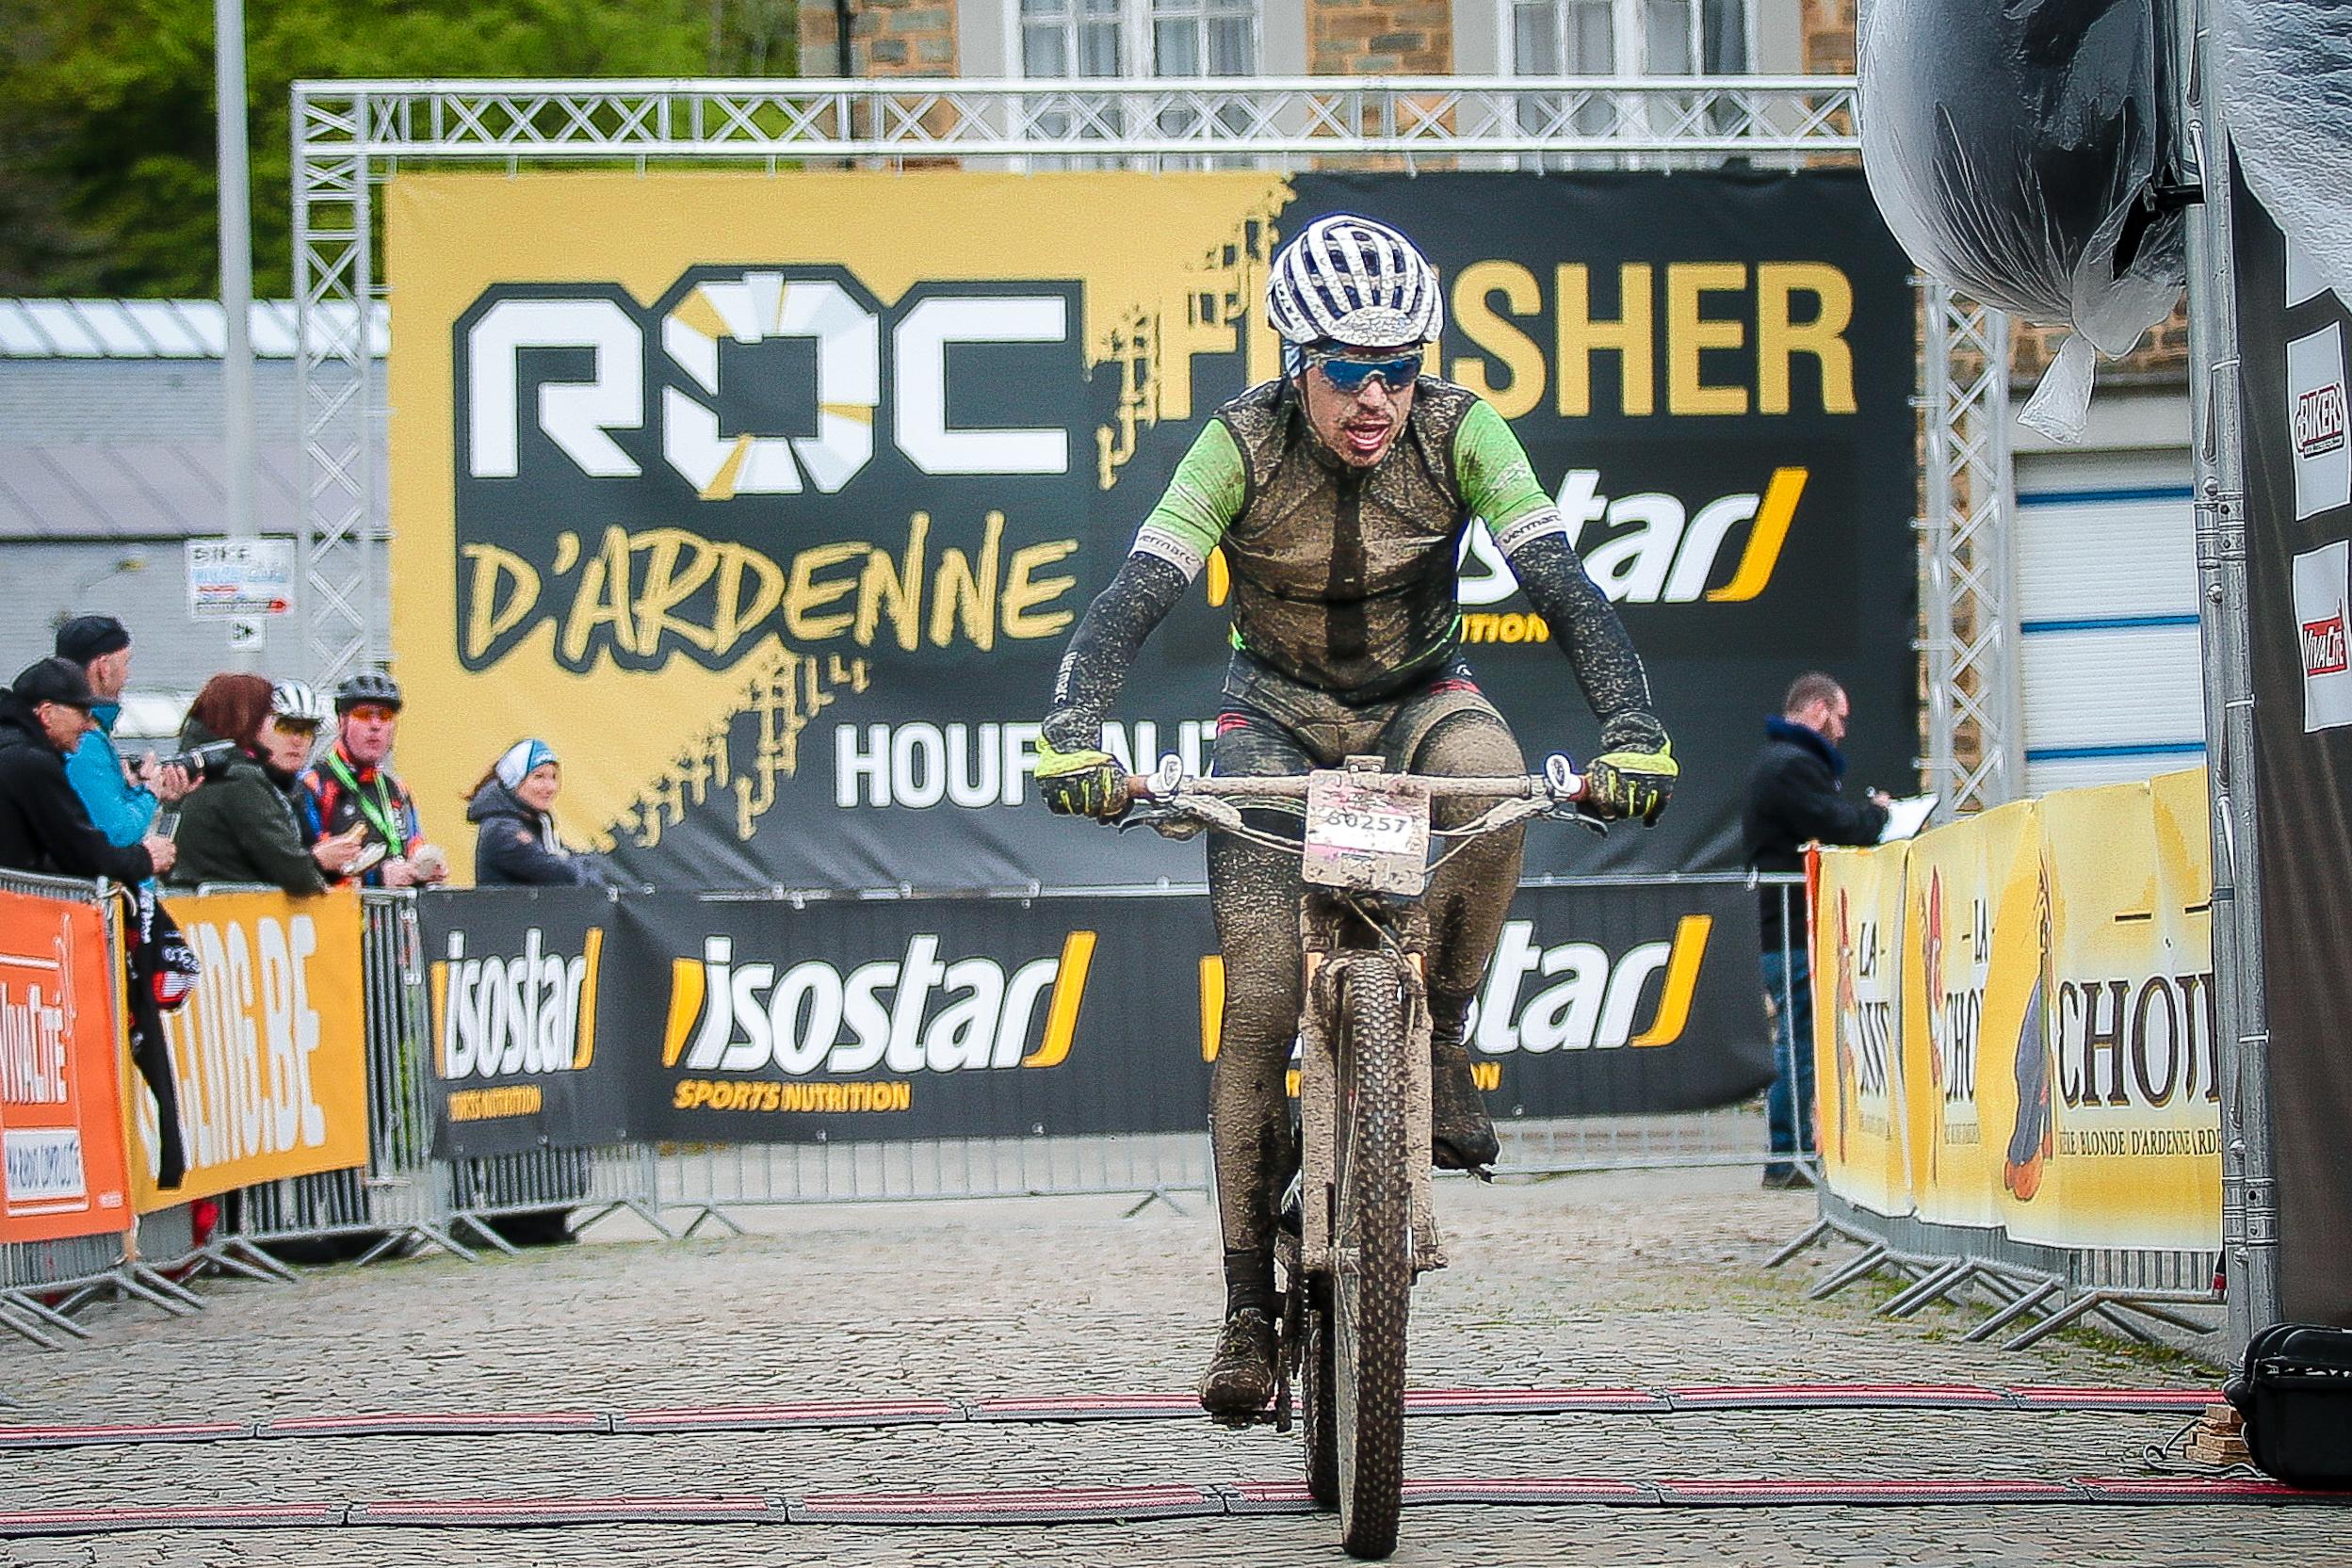 Frans Claes vierde in Big Roc Marathon in Houffalize